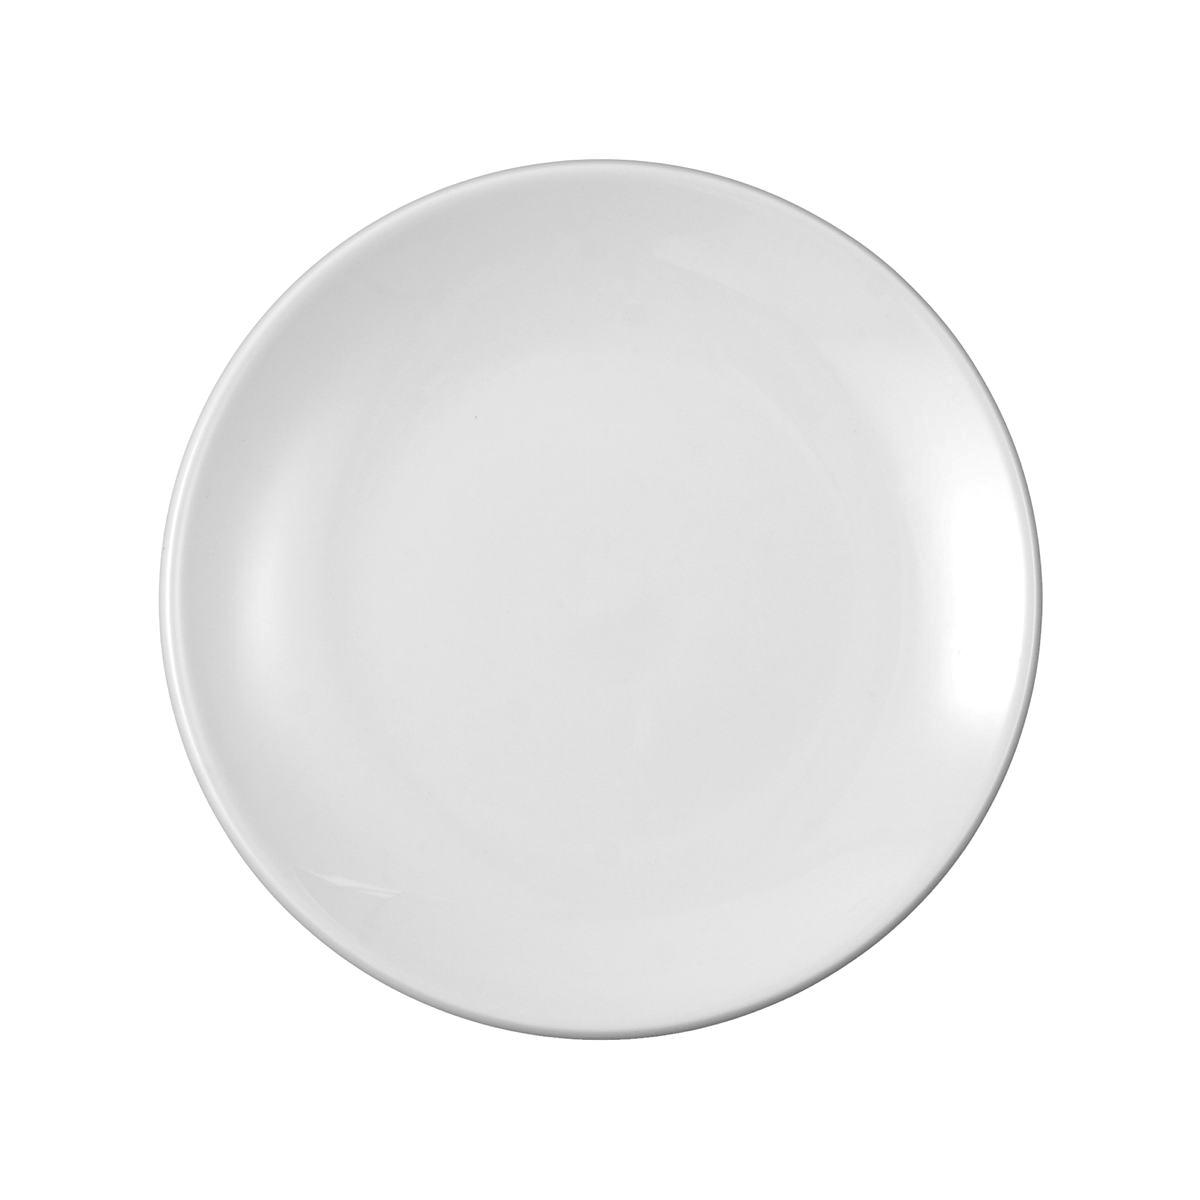 Teller flach 5196 - 15,5 cm - Serie Meran